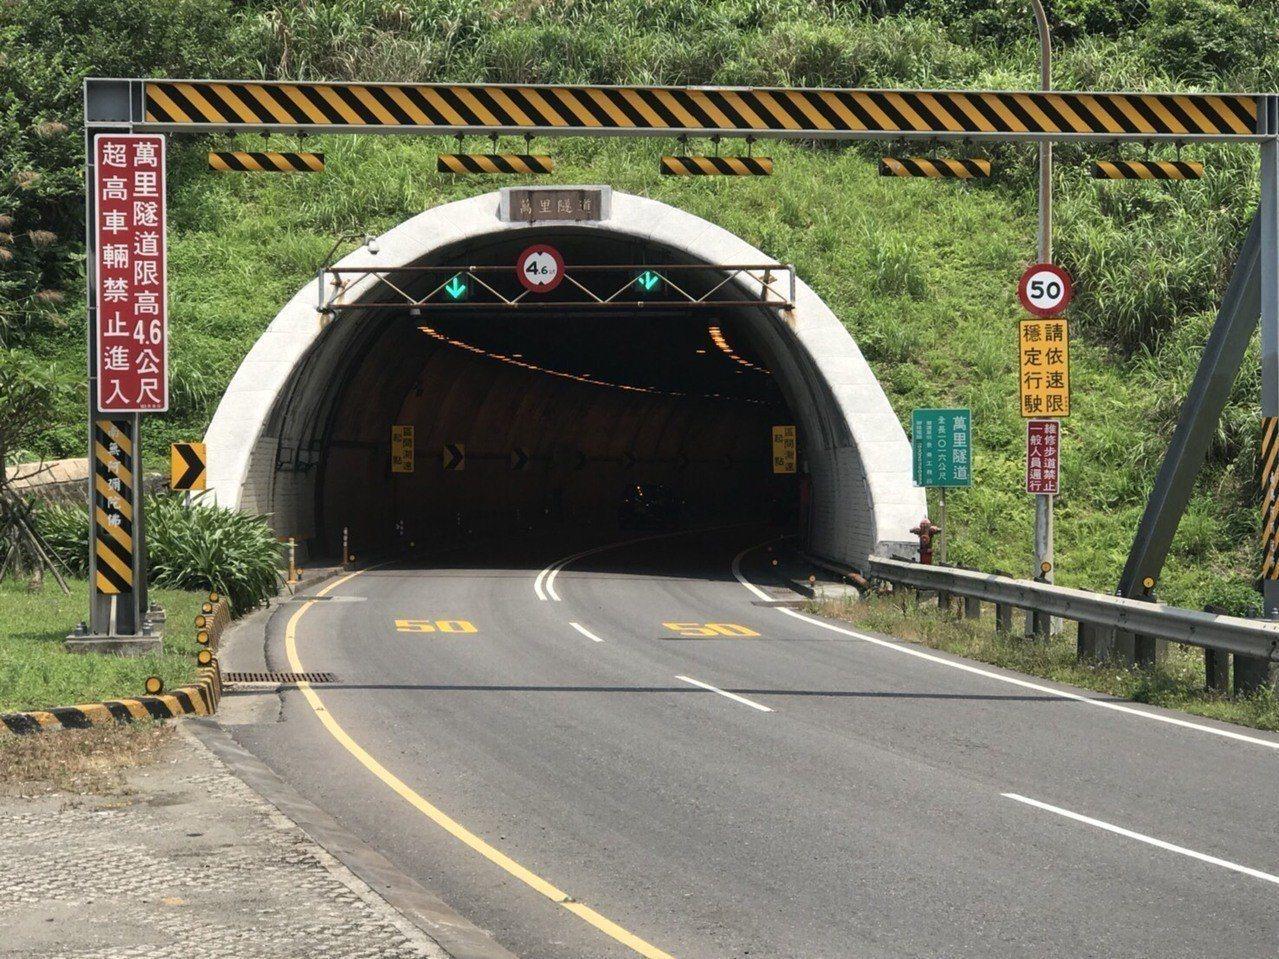 新北市警方在萬里區萬里隧道,實施首創區間平均速率科技執法。記者袁志豪/翻攝